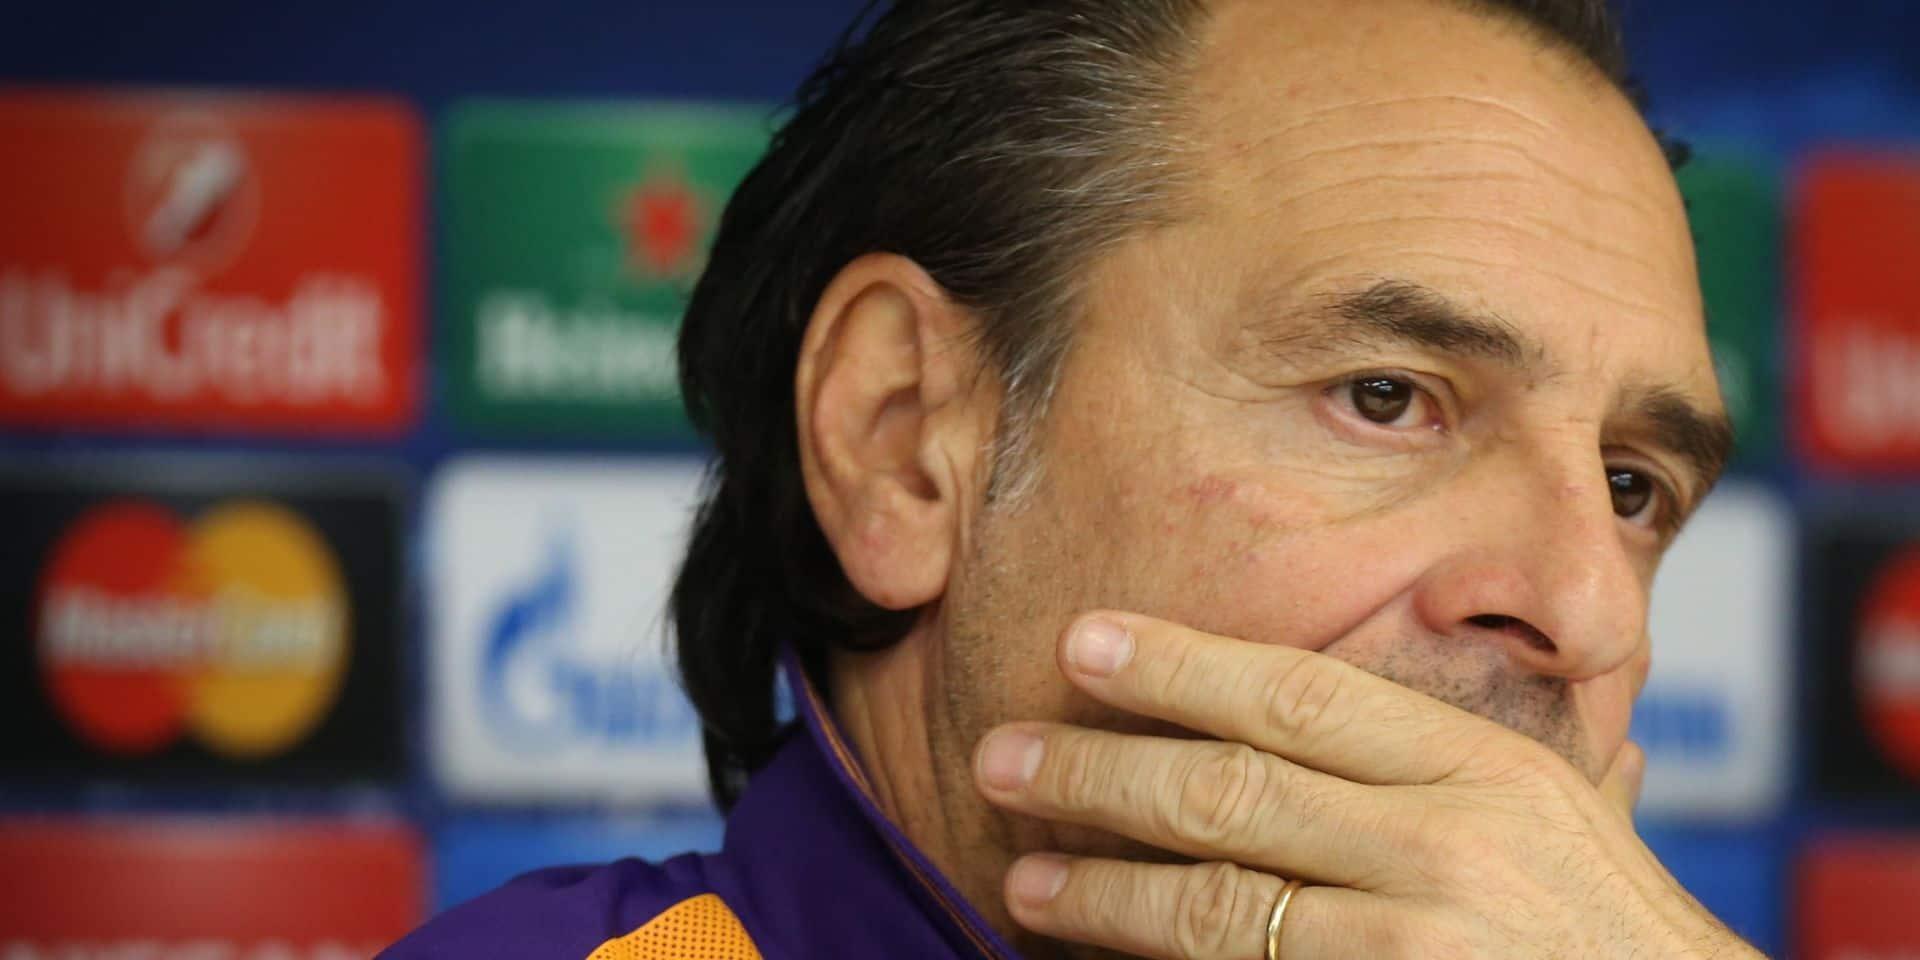 La Fiorentina et Prandelli, c'était mieux avant